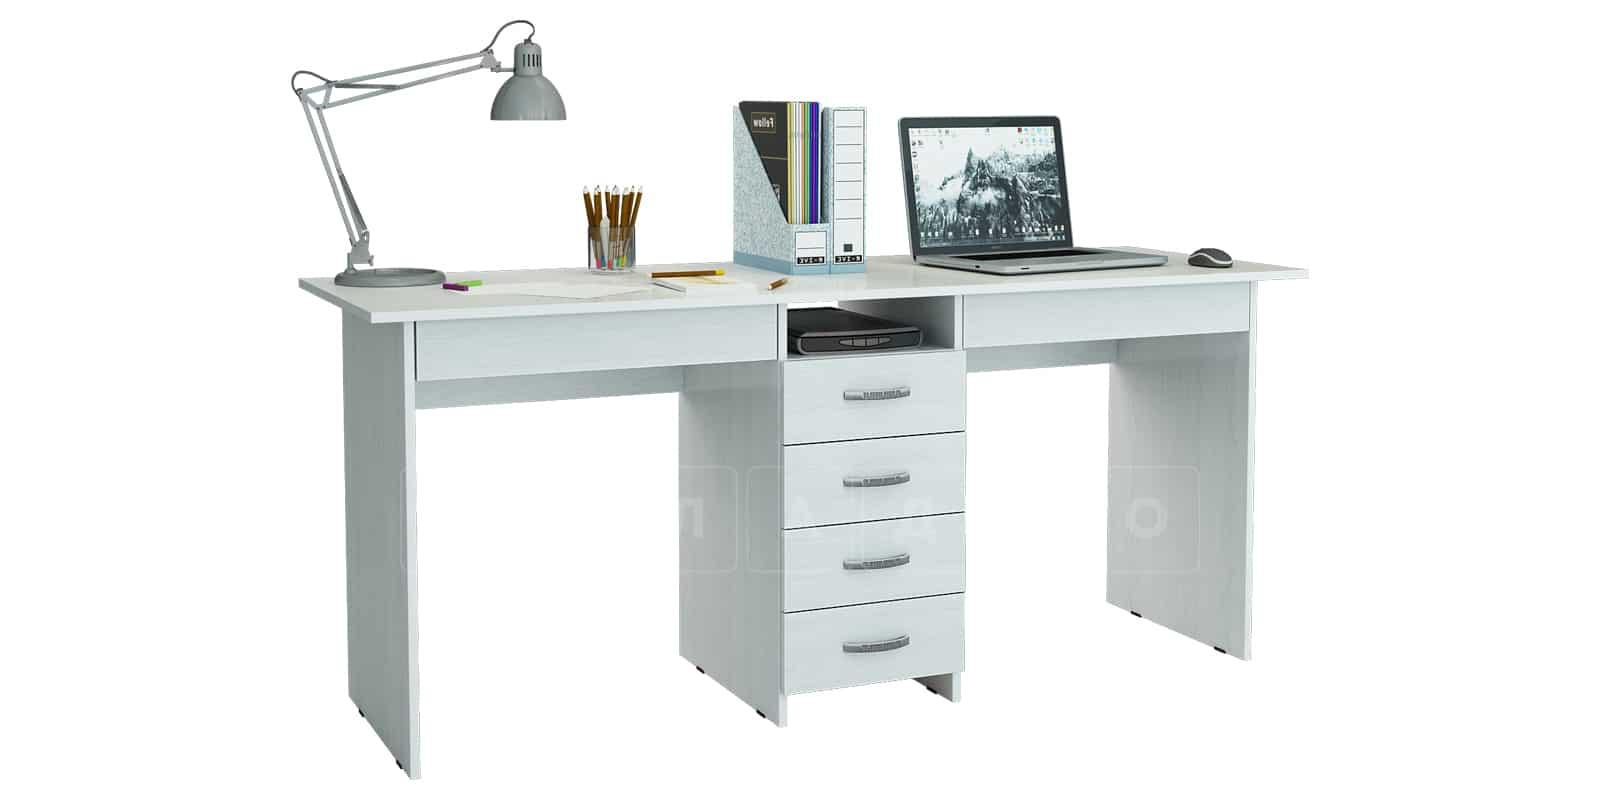 Офисный стол Кейптаун 6 ящиков фото 2 | интернет-магазин Складно